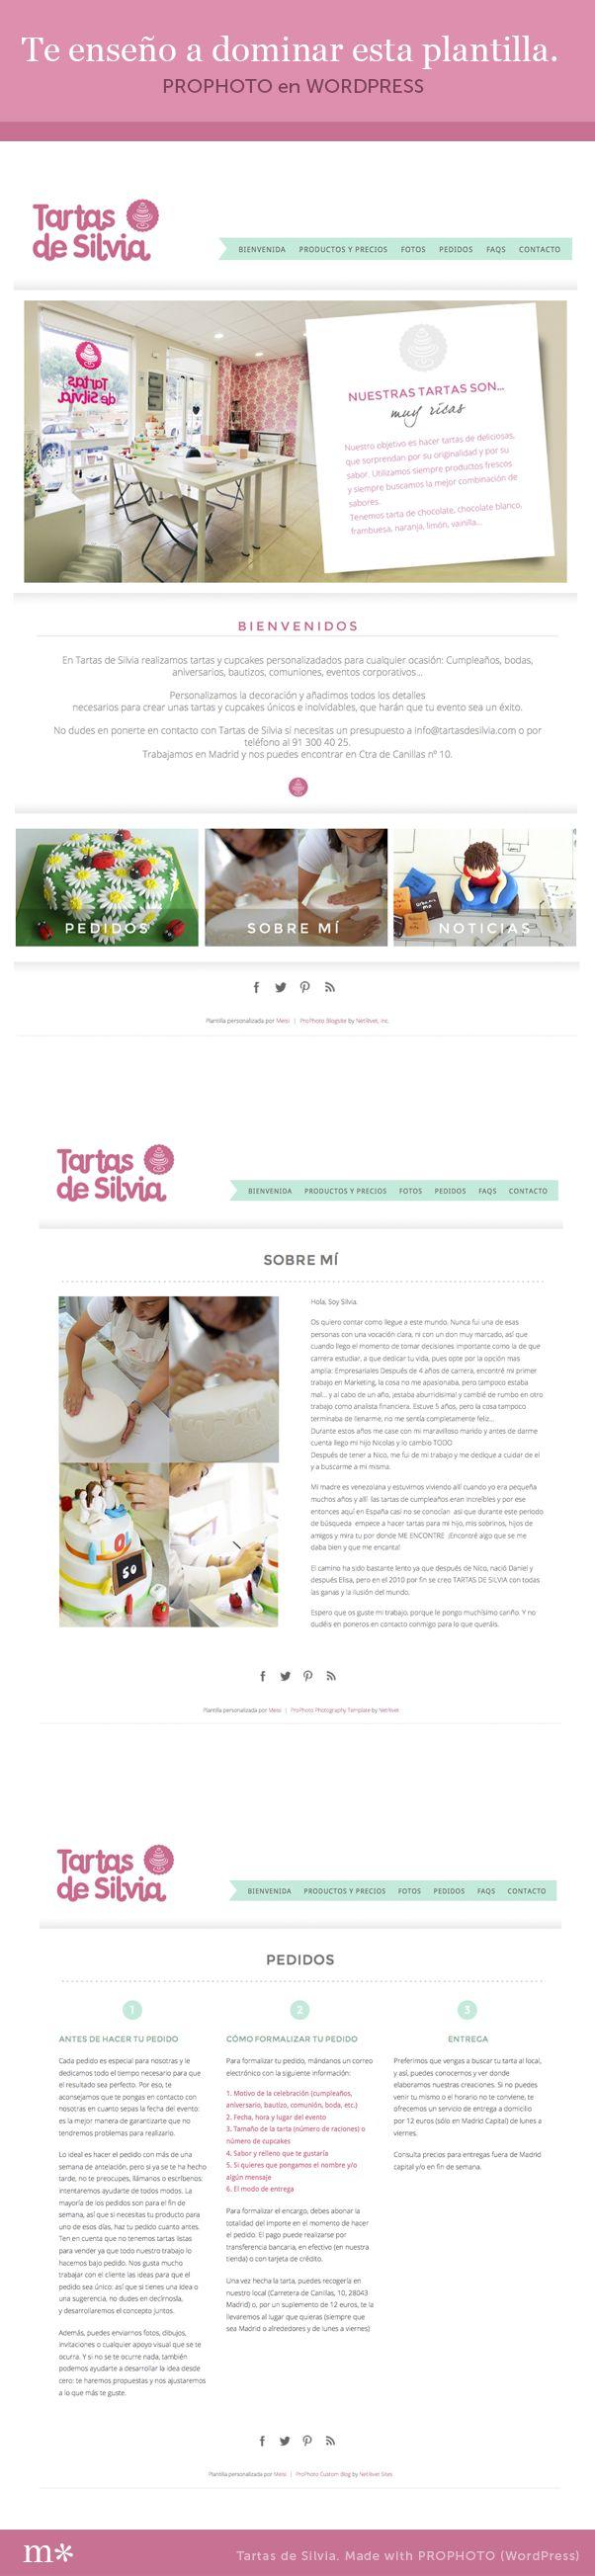 Curso online sobre la plantilla ProPhoto, una plantilla super versatil para crear una página web. http://meisicursos.com/cursos/disena-en-prophoto-general/  #cursos #diseno #disenoweb #prophoto #cursosonline